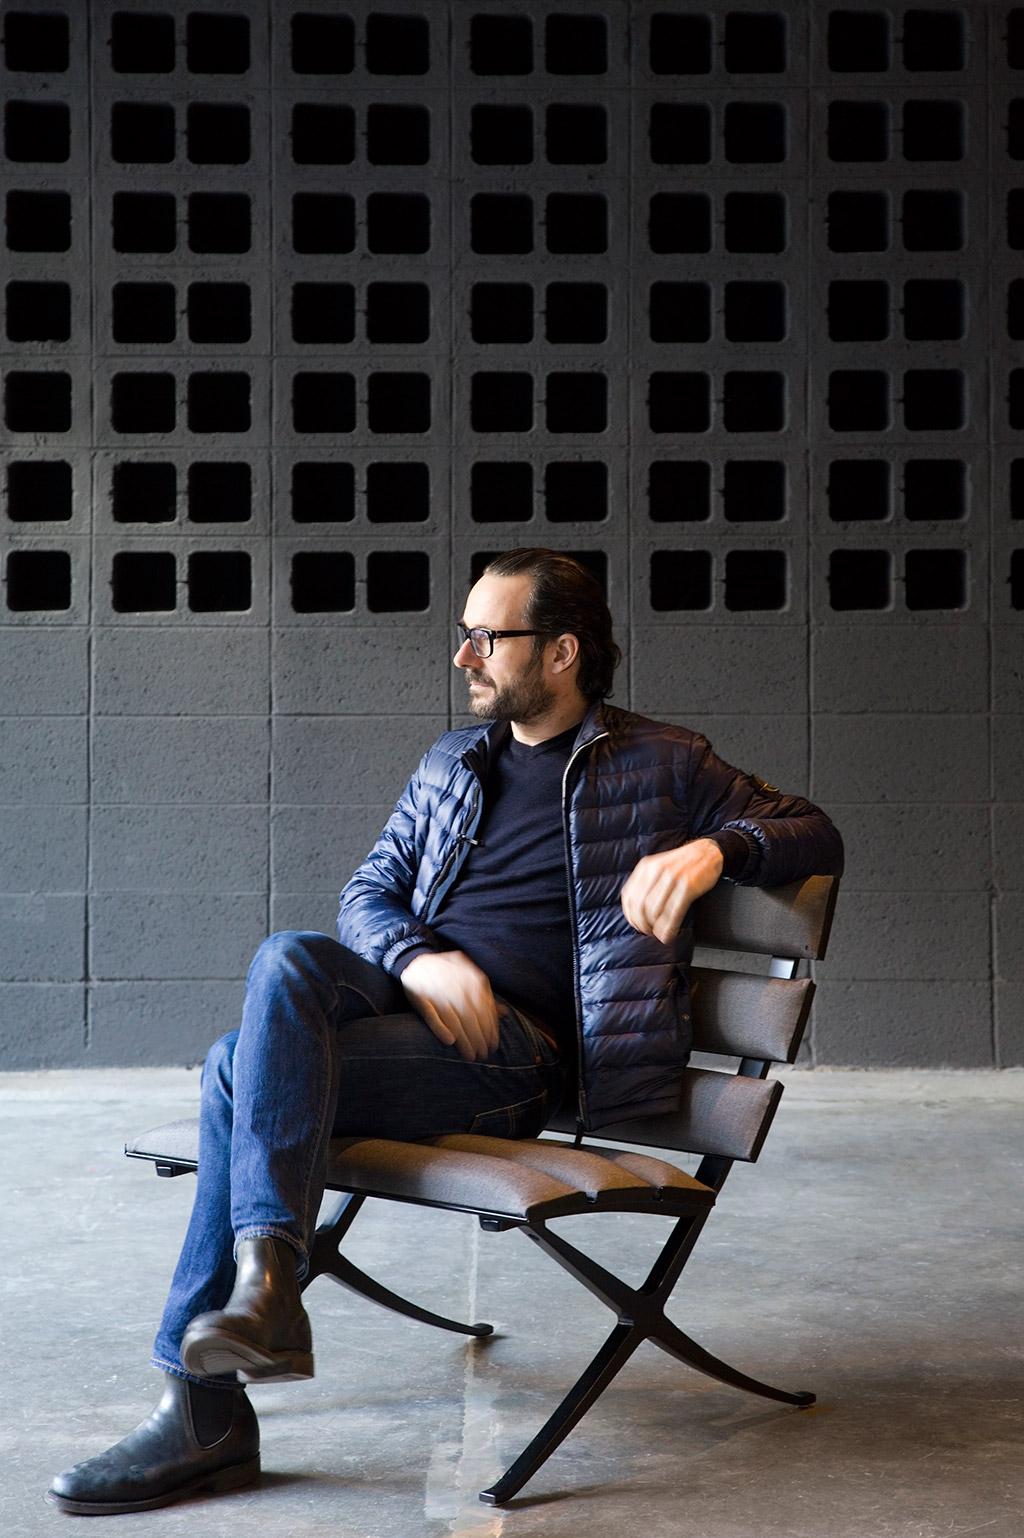 el diseñador industrial Konstantin Grcic